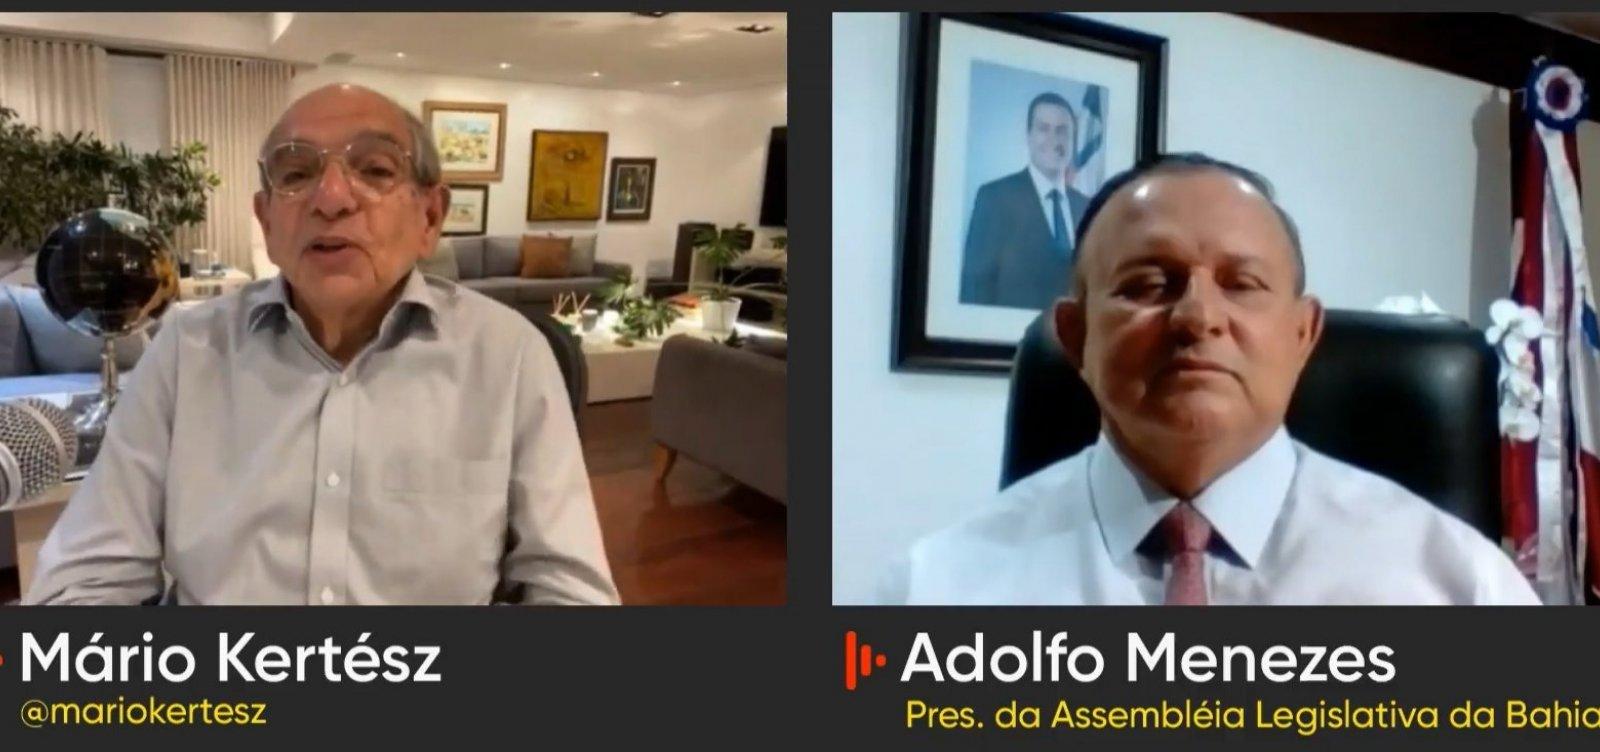 """Chefe interino do executivo baiano, Adolfo Menezes brinca: """"Nem quero andar no carro do governador"""""""